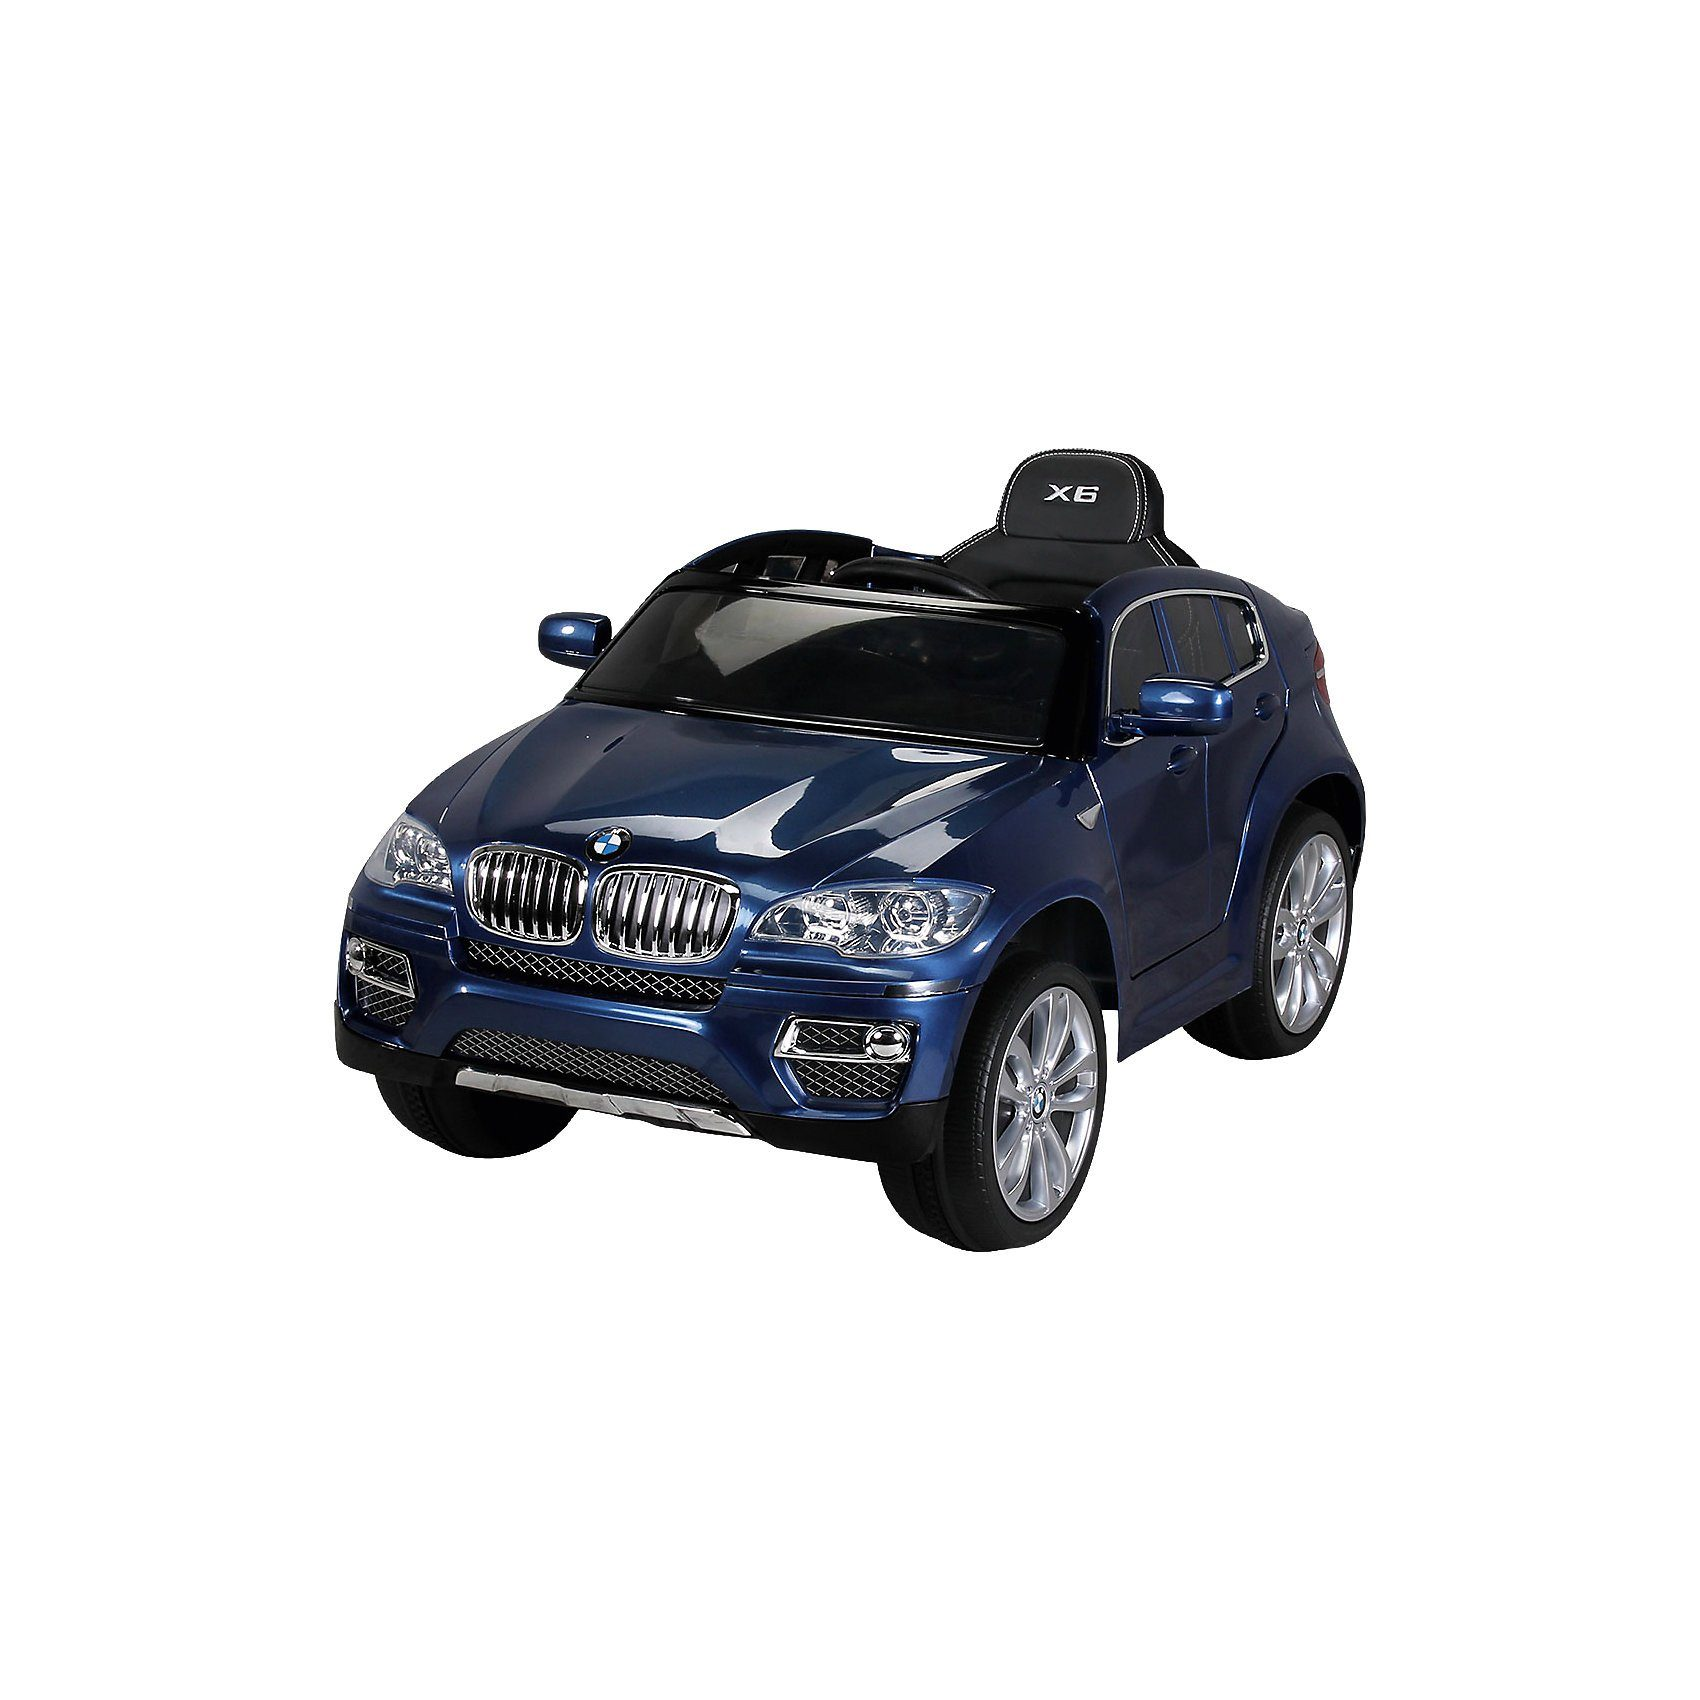 Kinder Elektroauto BMW X6 Lizenziert, blau